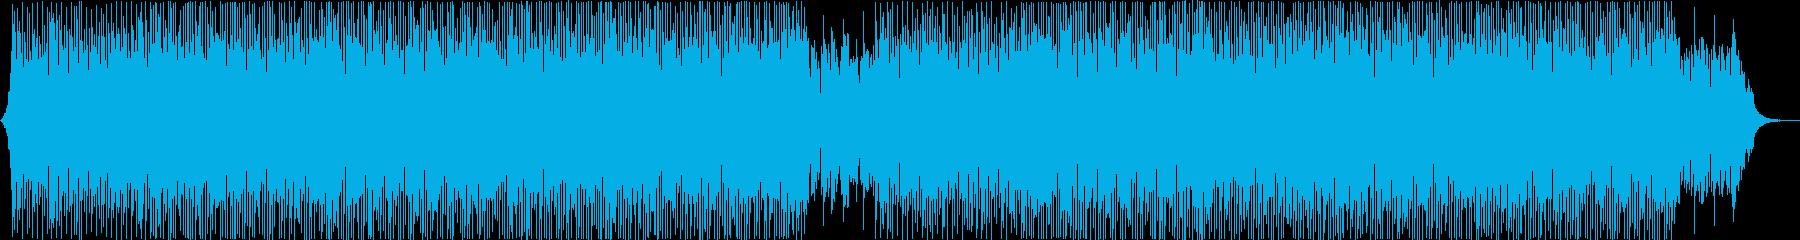 企業VP_キラキラ_ピカピカの再生済みの波形